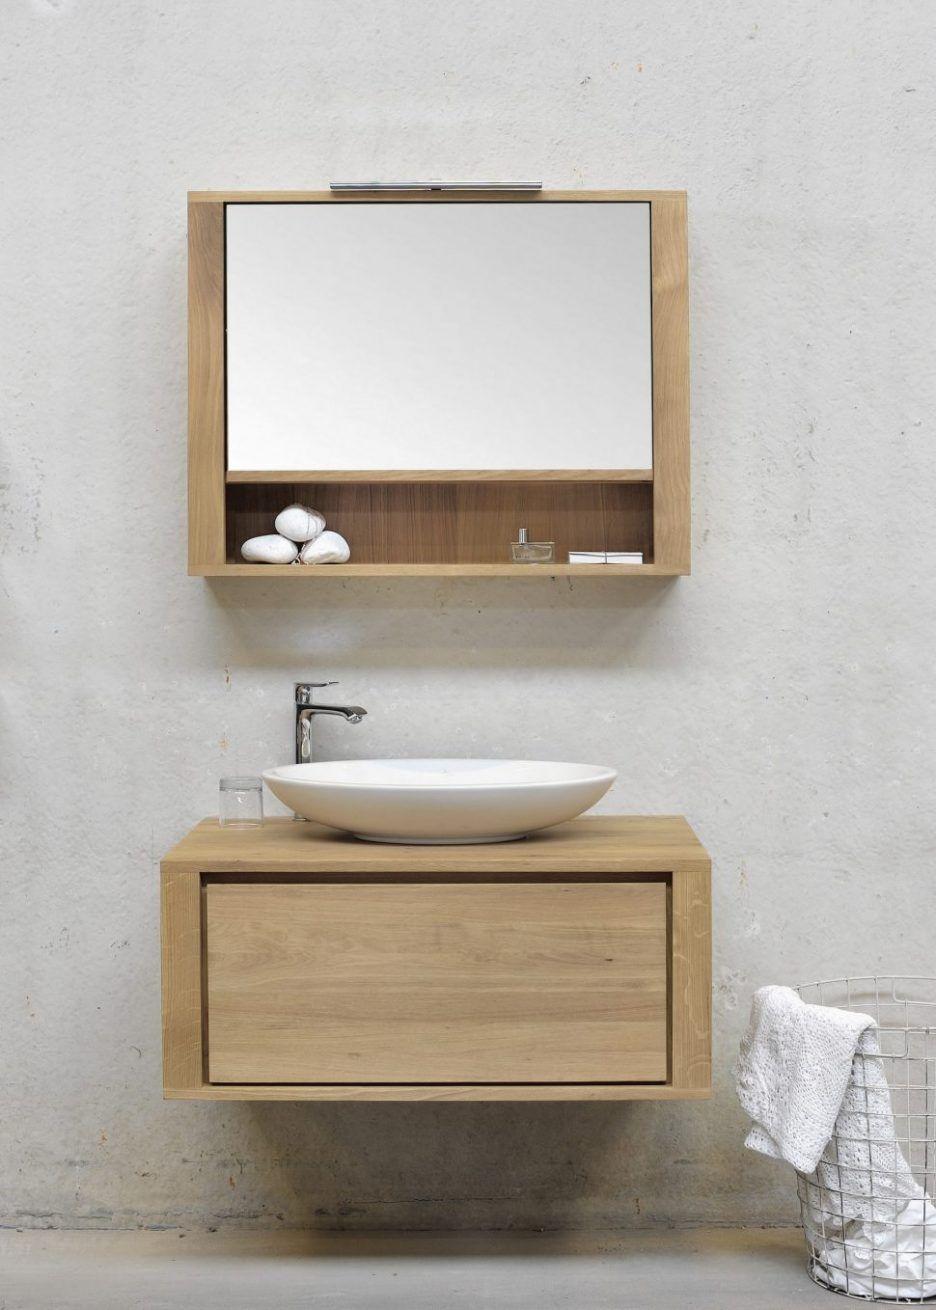 Wie Wasserdicht Holz Badezimmer Eitelkeit In 2020 Mit Bildern Badezimmer Spiegelschrank Badezimmer Holz Badezimmer Spiegelschrank Mit Beleuchtung